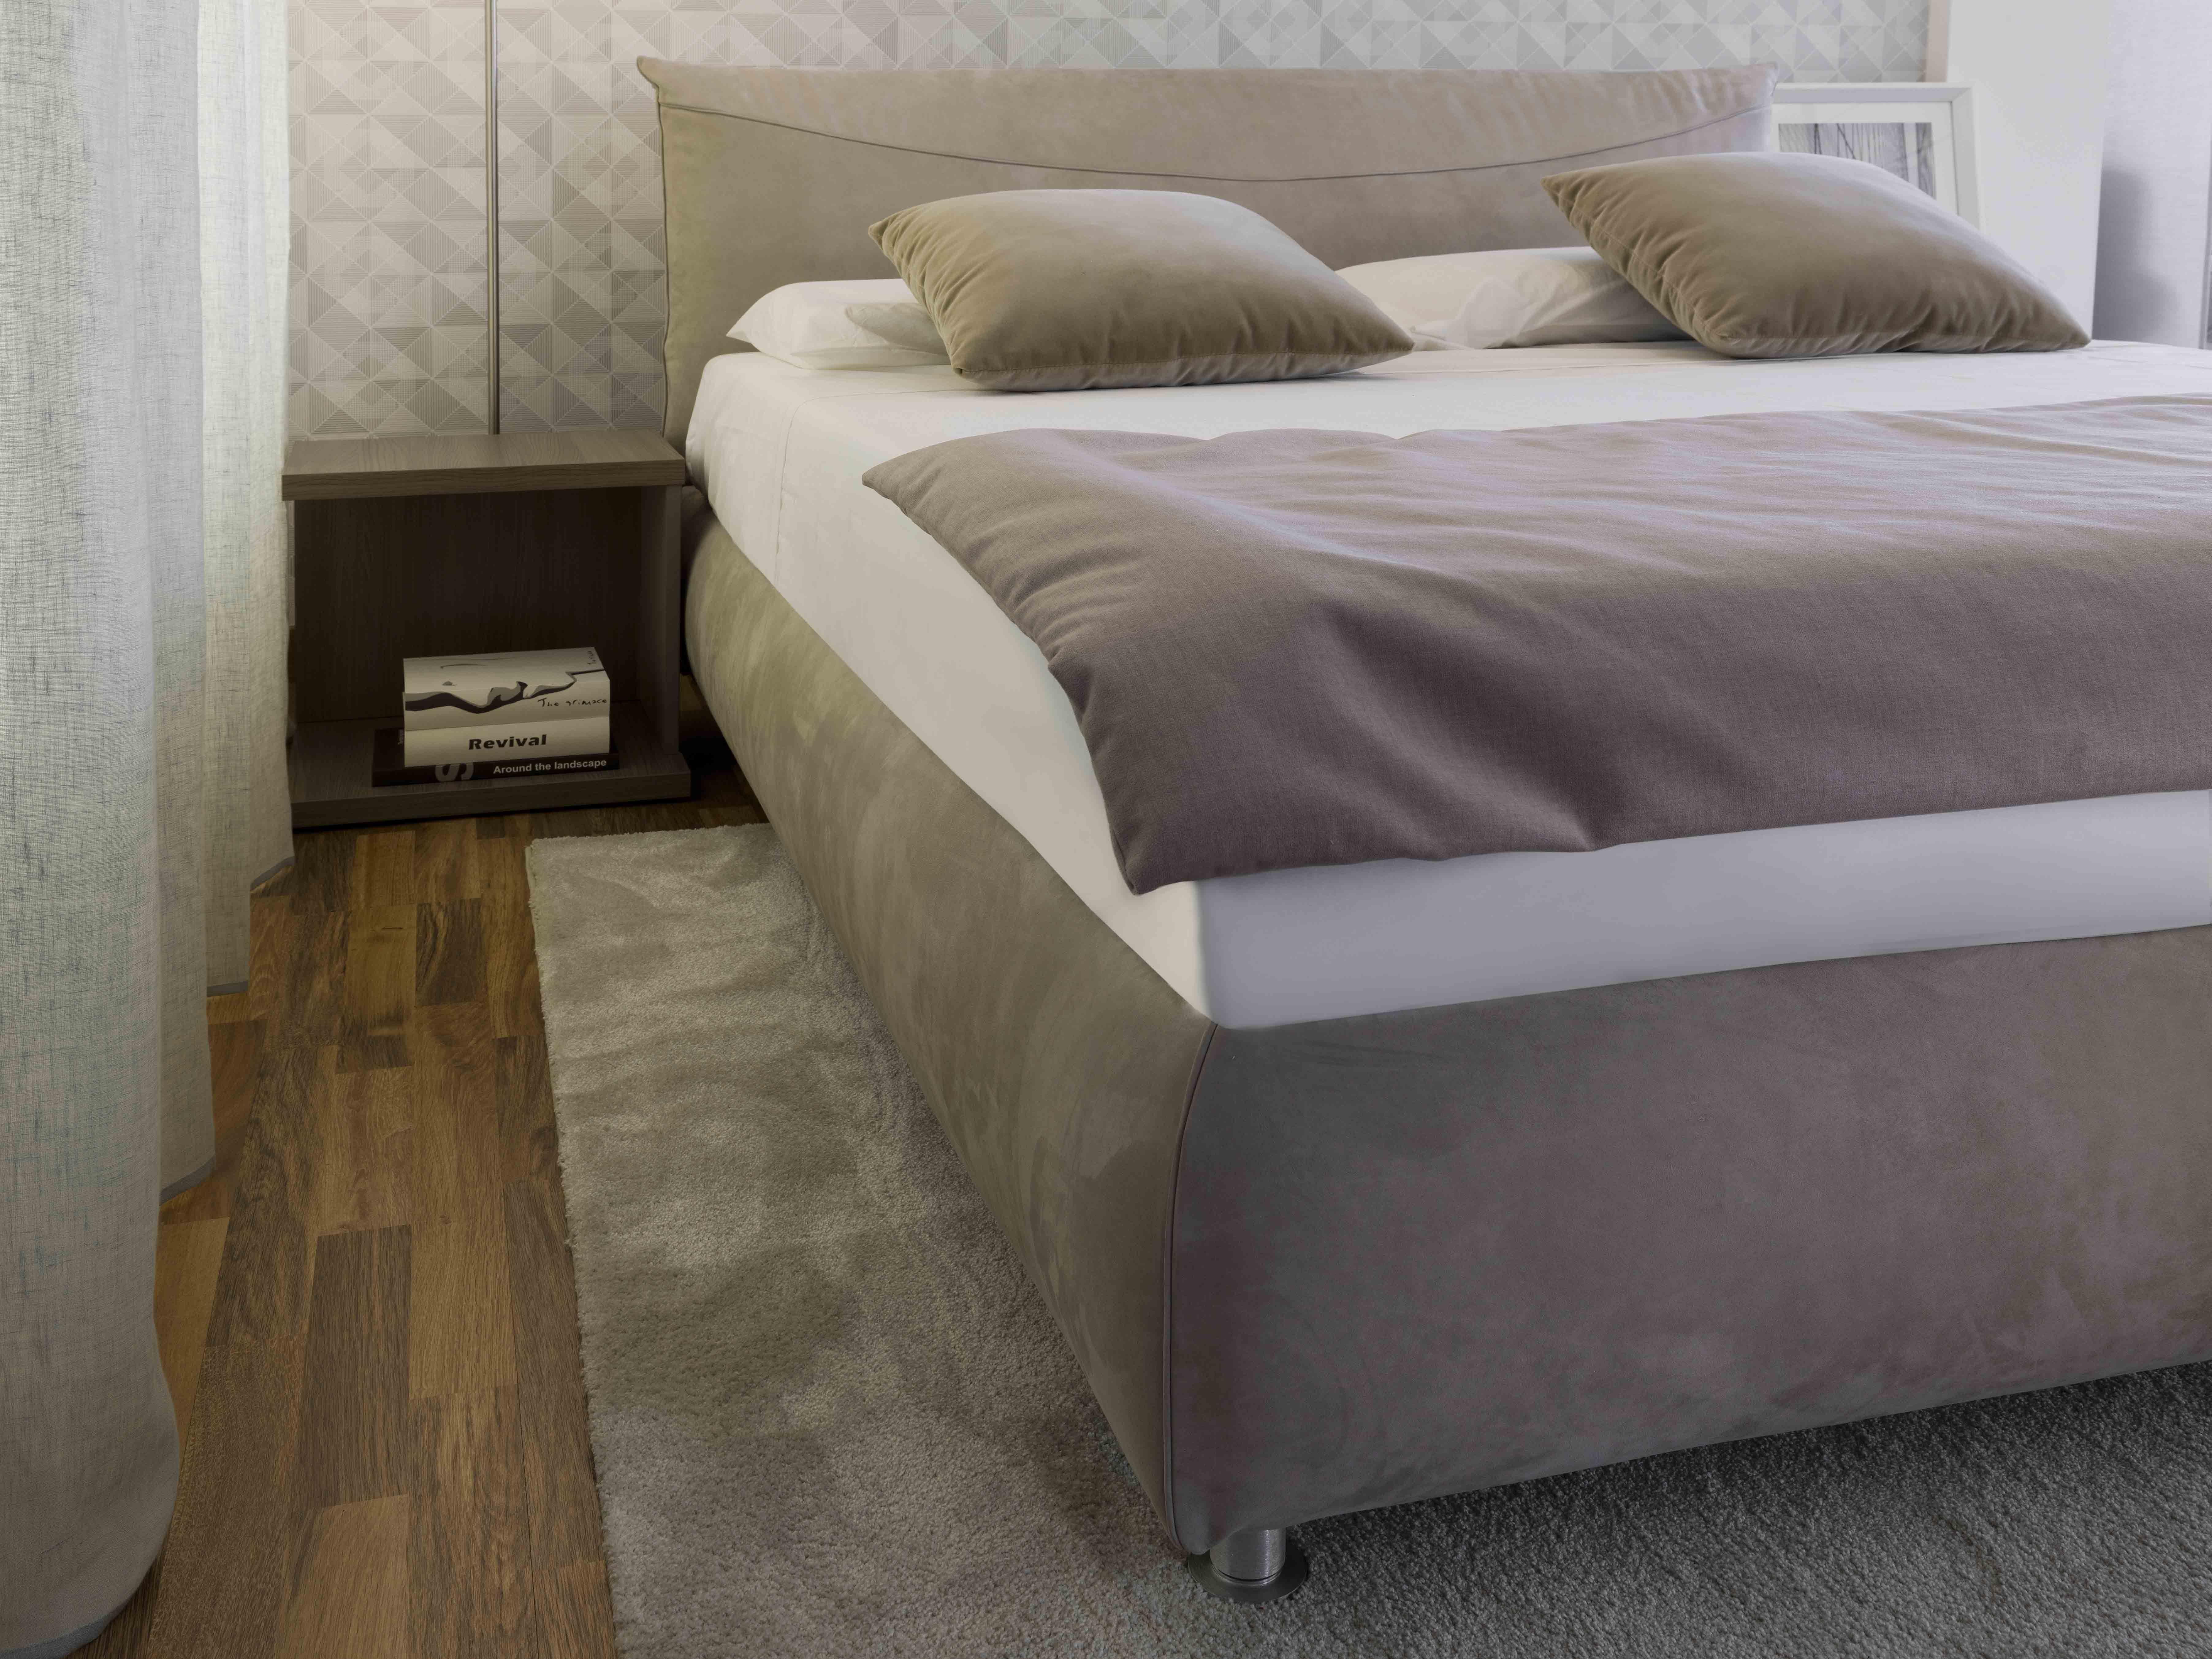 letto contenitore un pelle contenitore